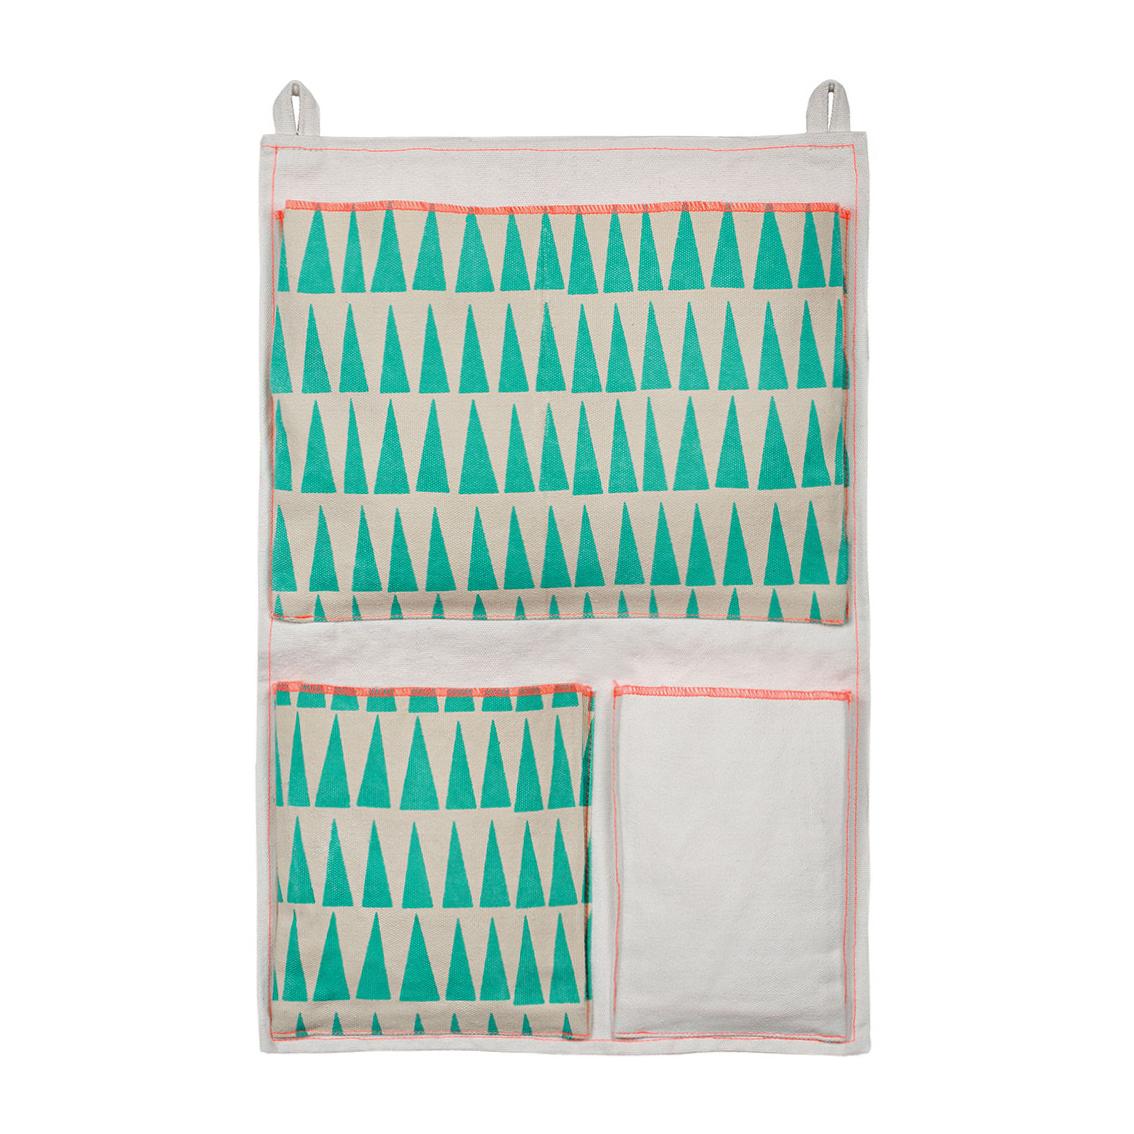 Pochette murale triangles mimilou pour chambre enfant - Rangement pochette murale ...